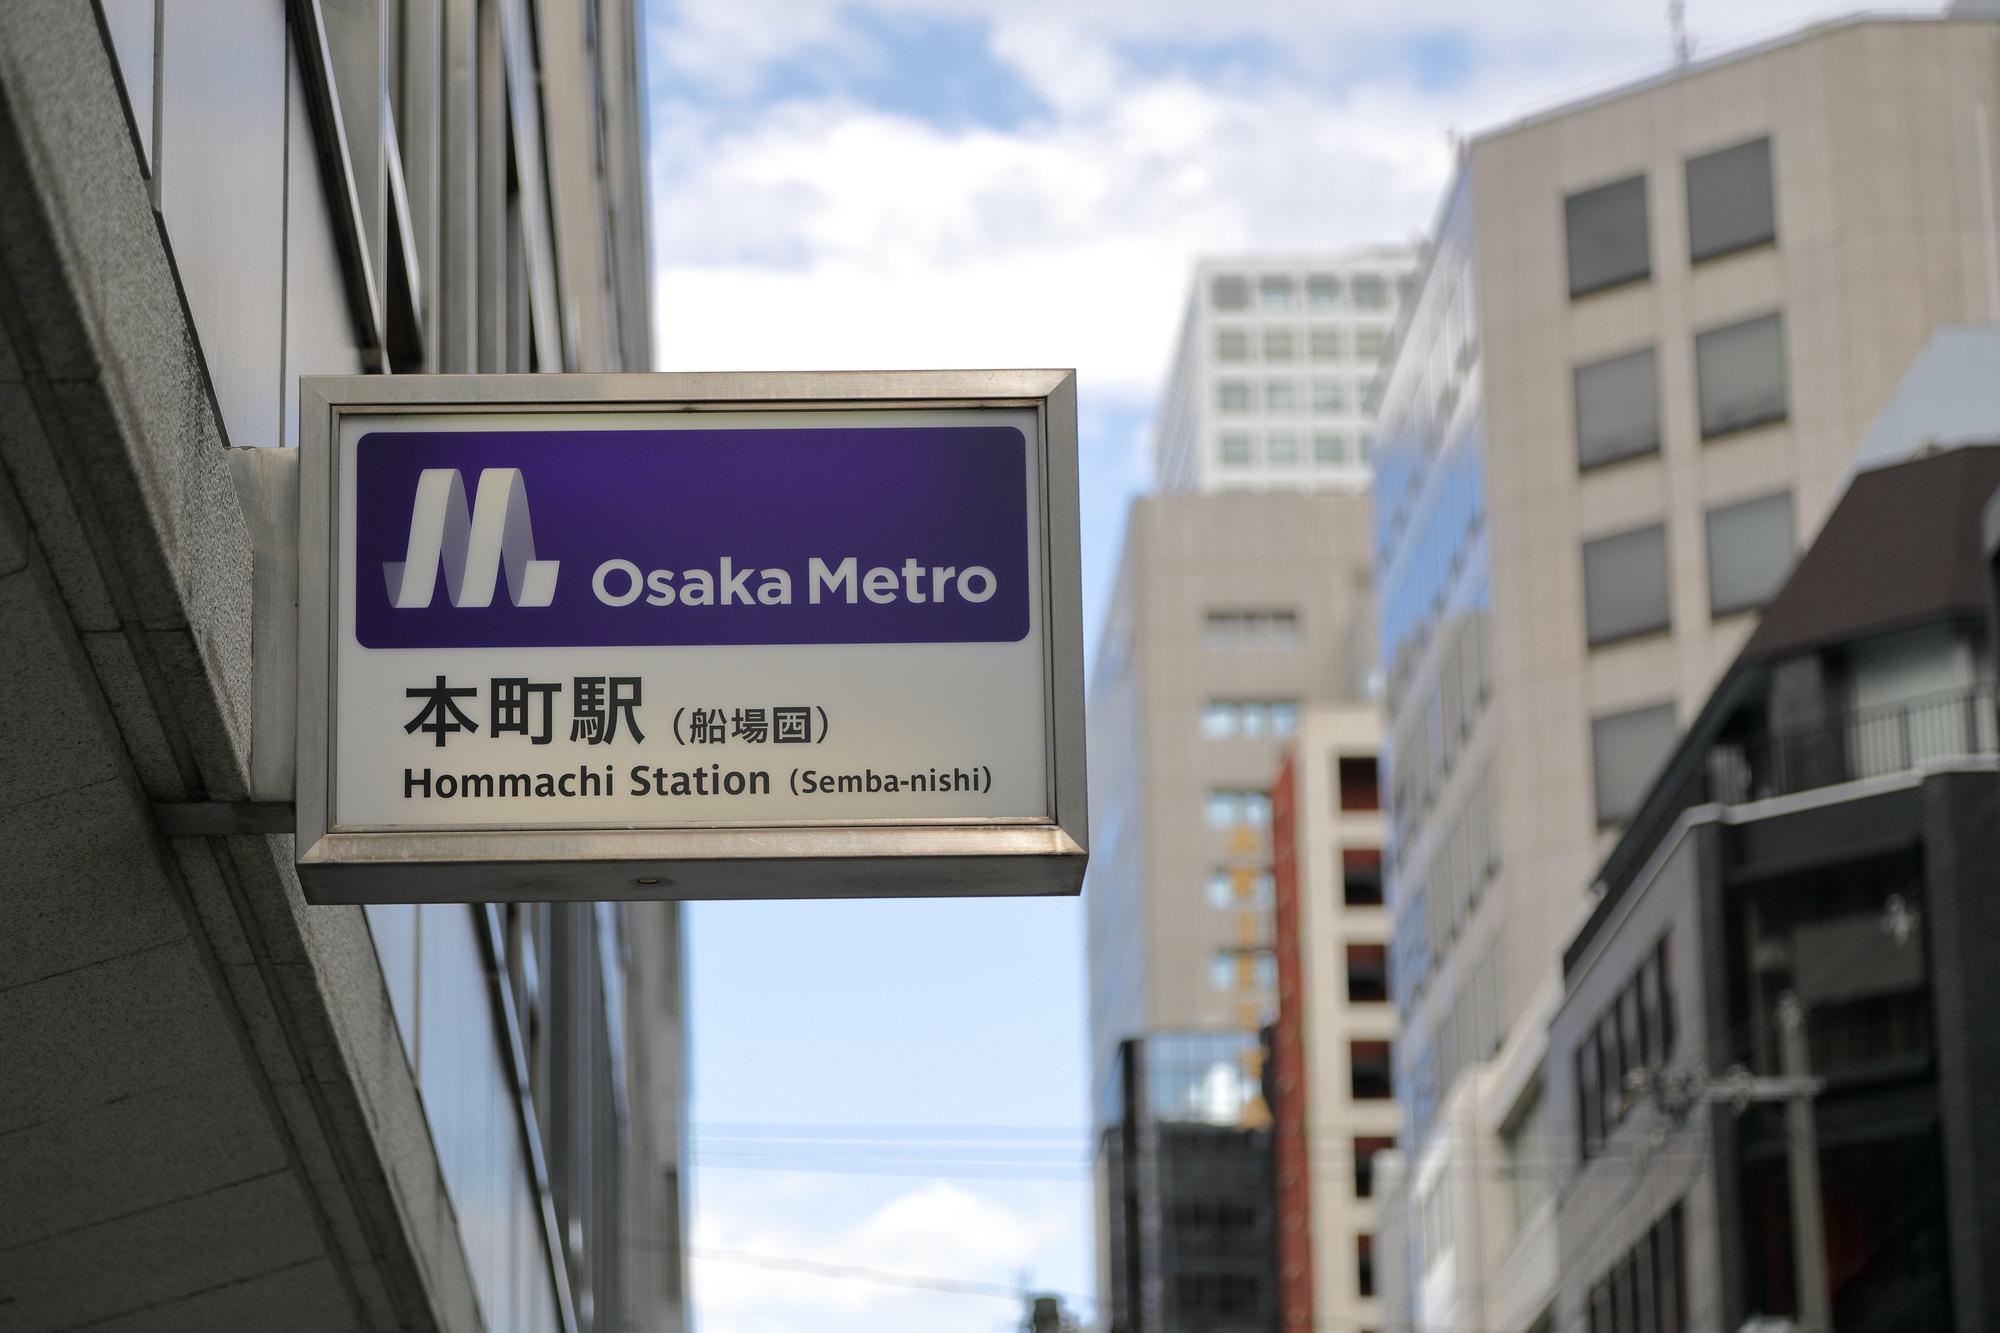 【徒歩10分以内】本町駅の歯医者6院のおすすめポイント